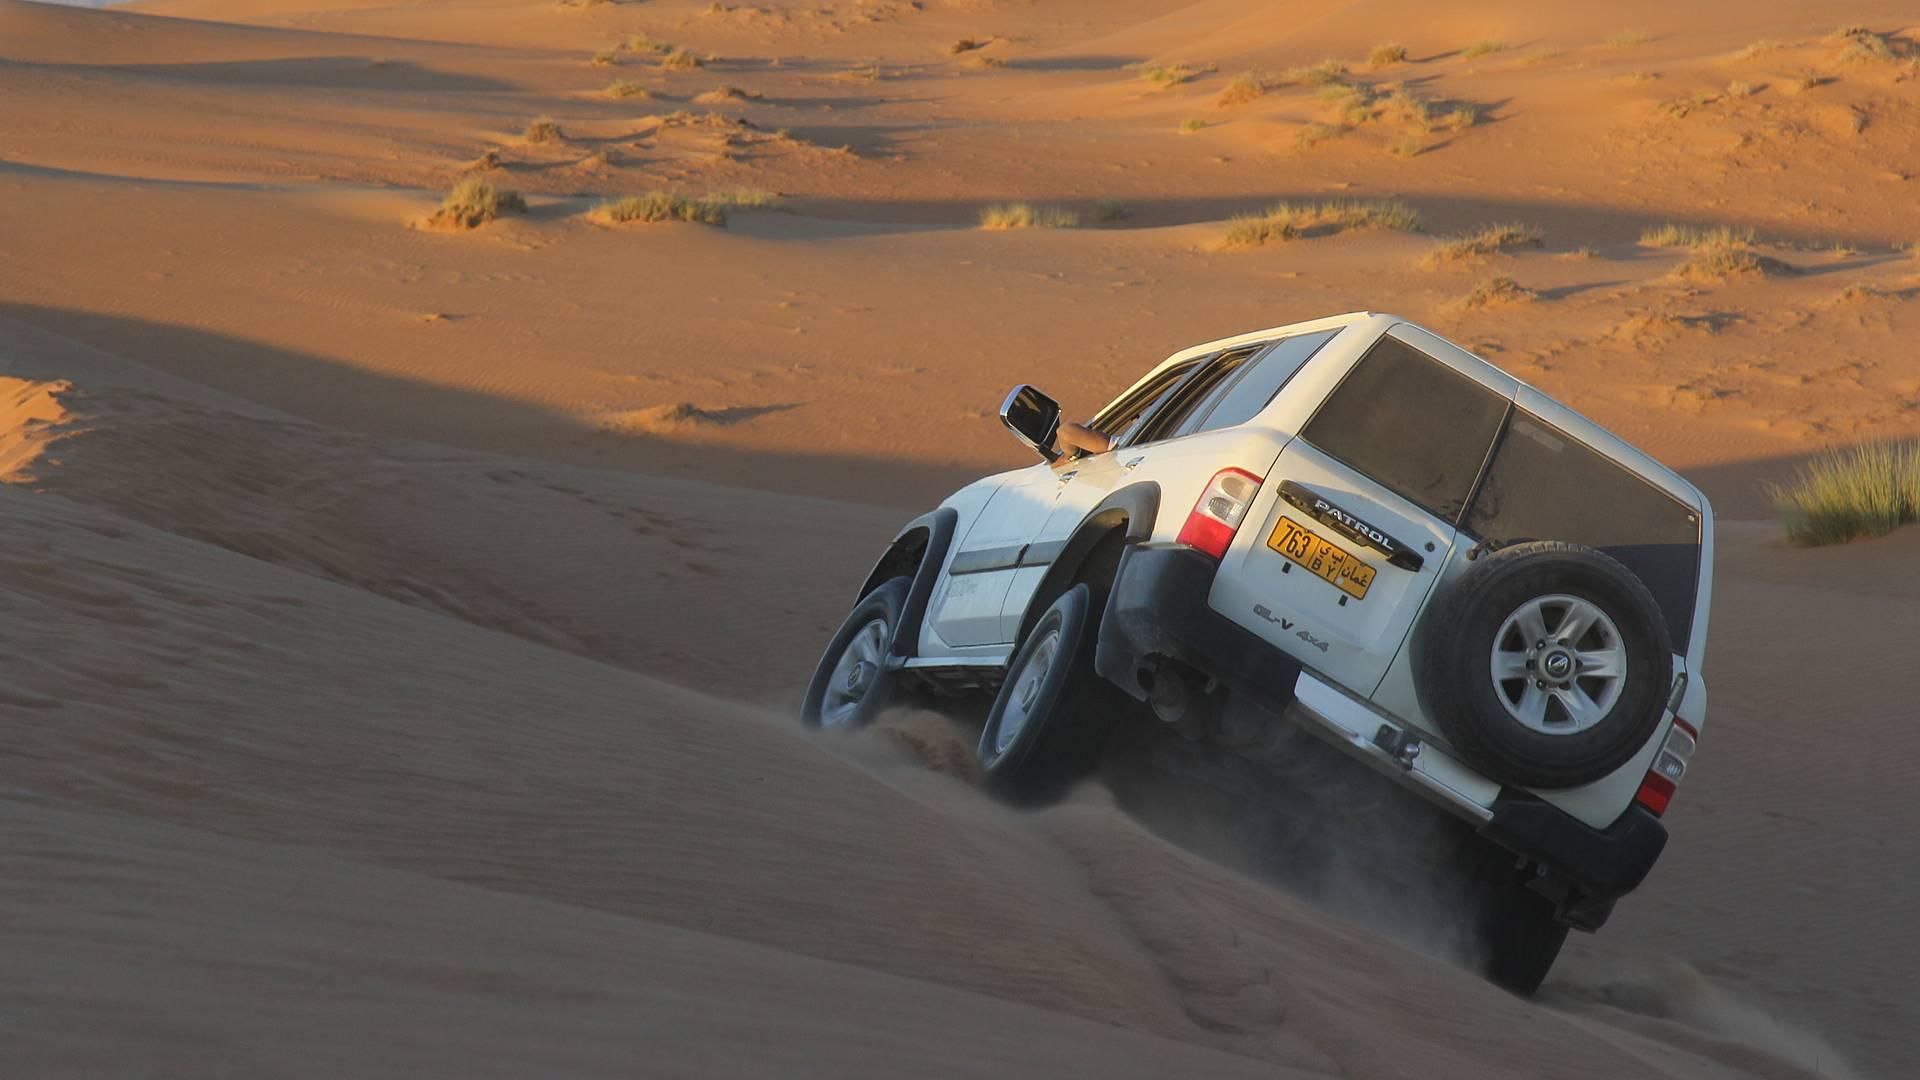 Road Trip en liberté entre oasis et désert